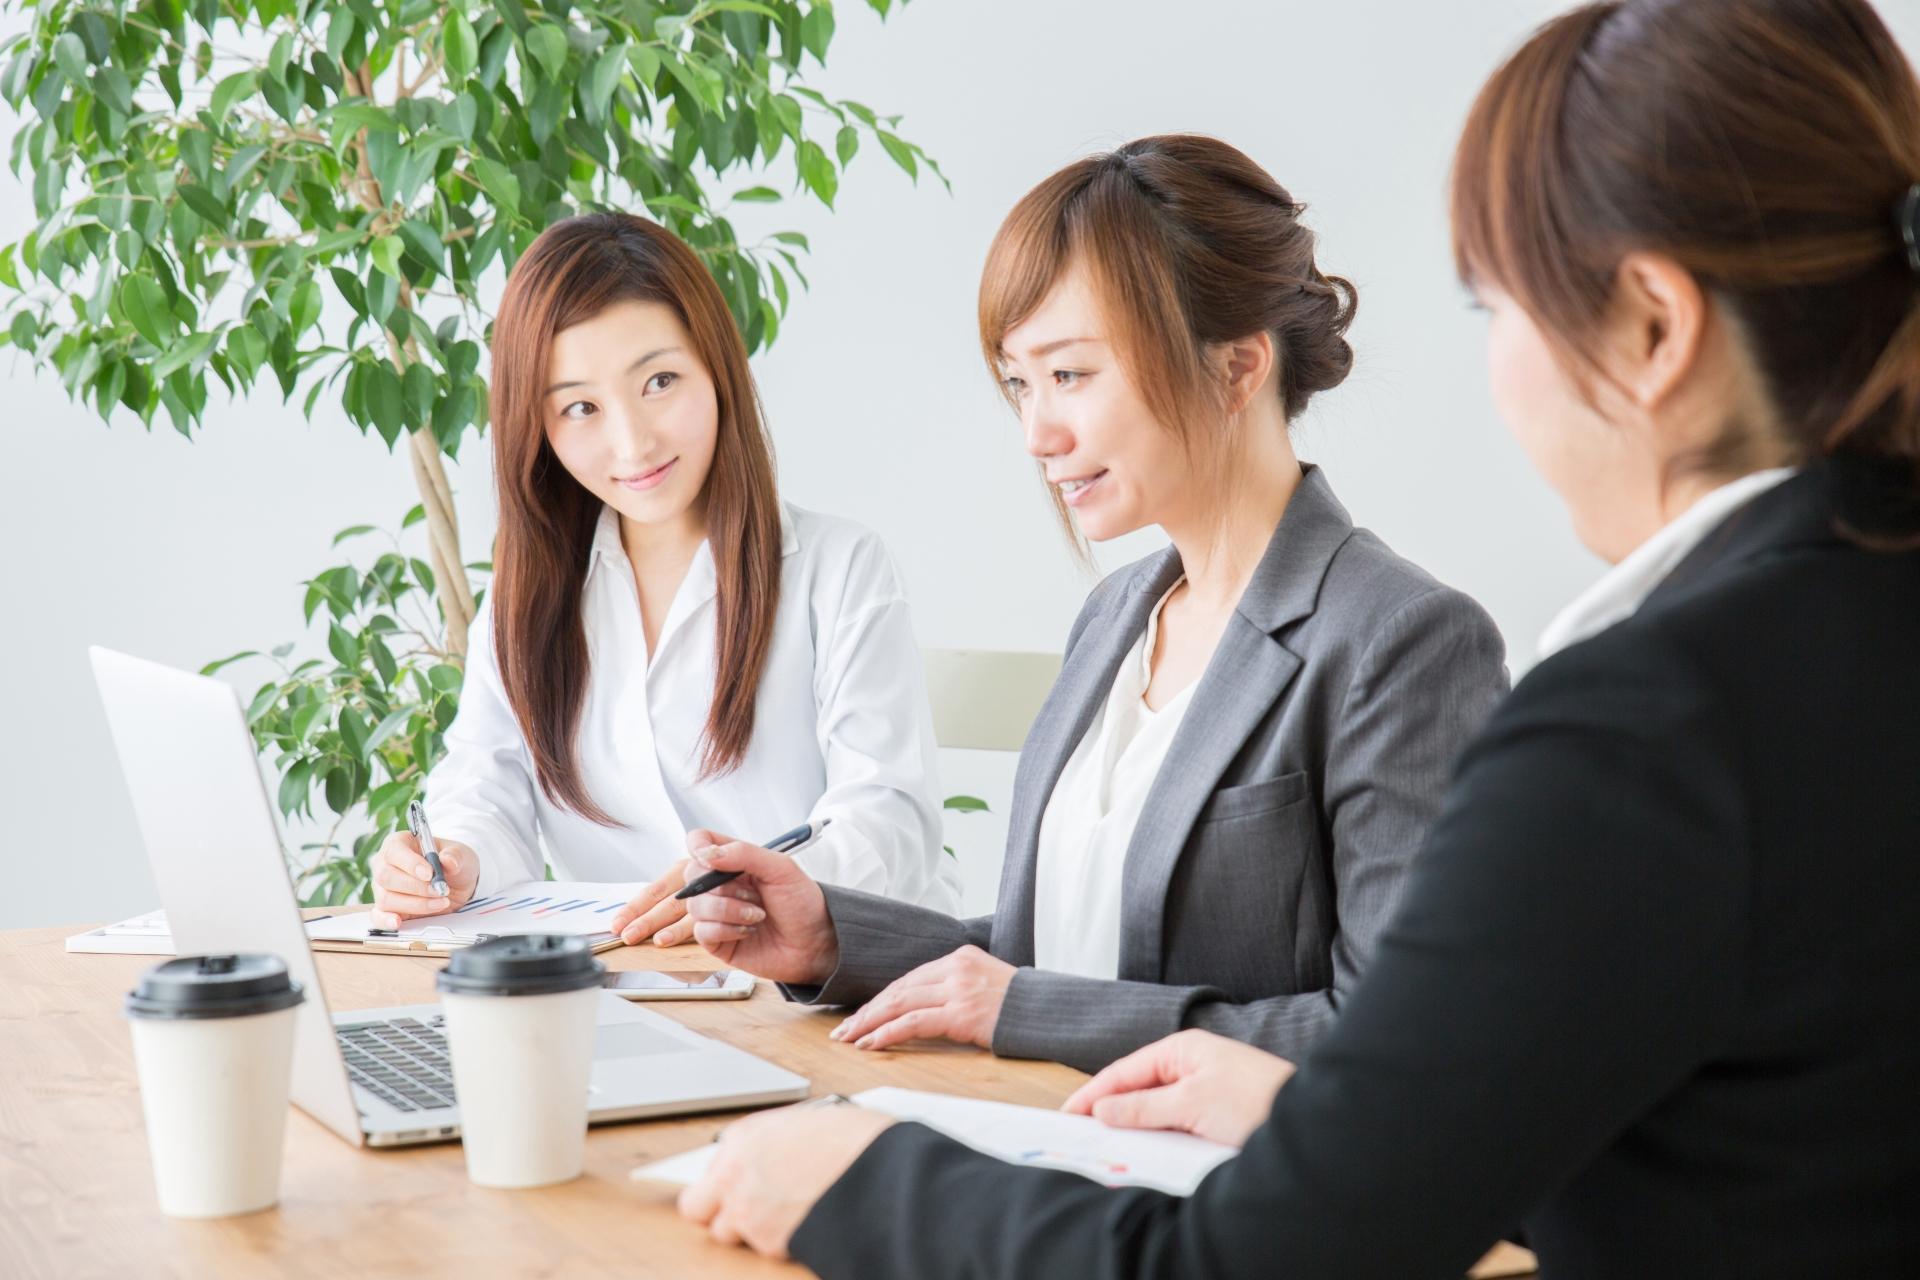 女性が働きやすい職場の条件とは?仕事を選ぶ5つのポイントをご紹介。